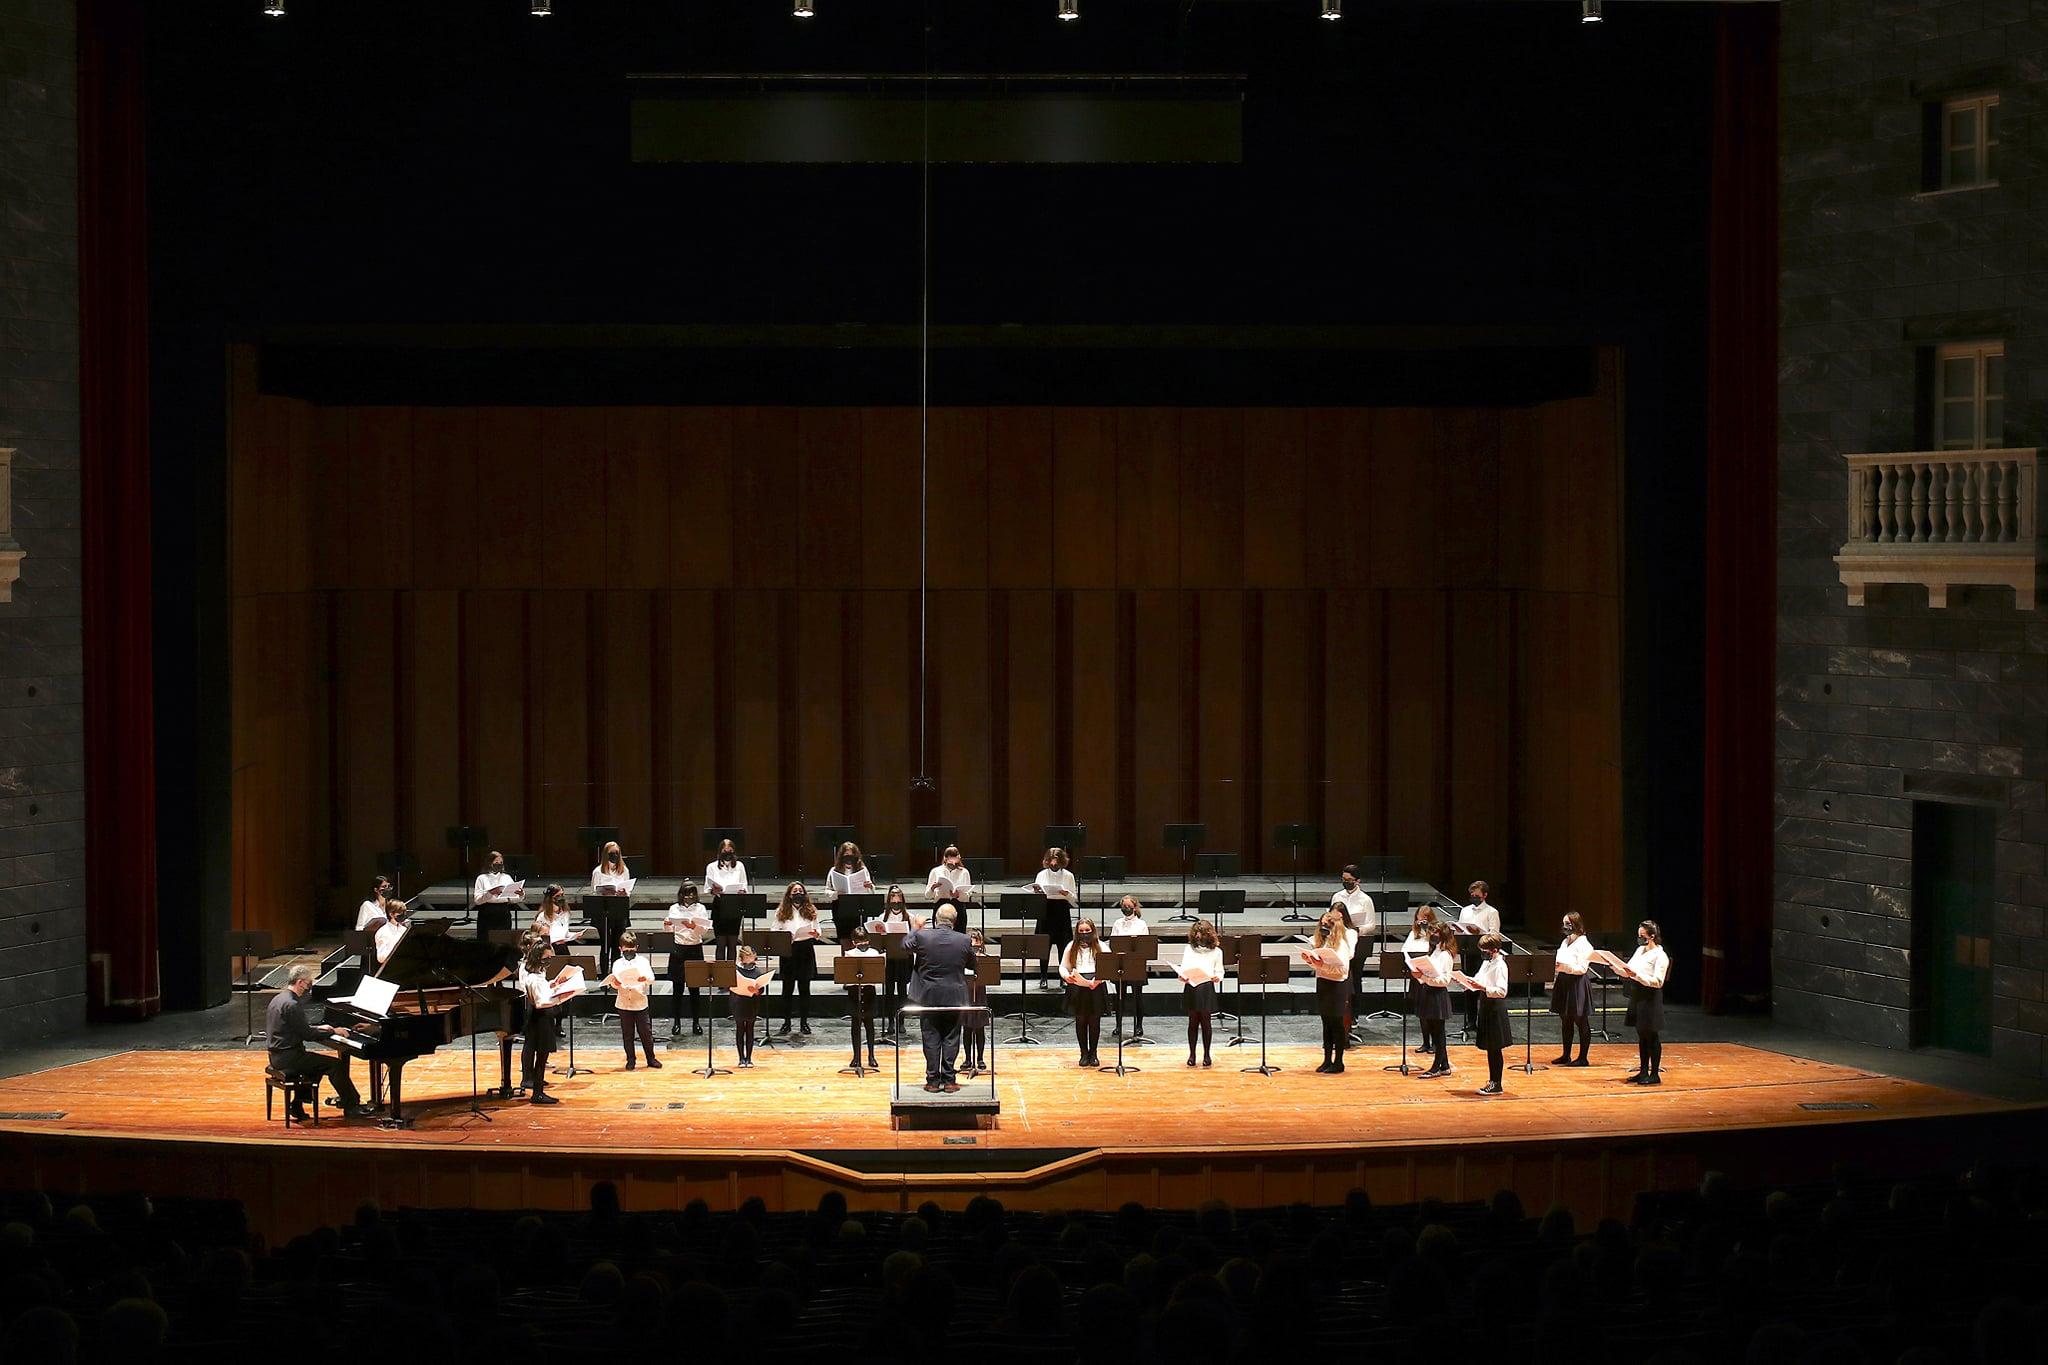 Foto dalla pagina Facebook del Teatro Carlo Felice